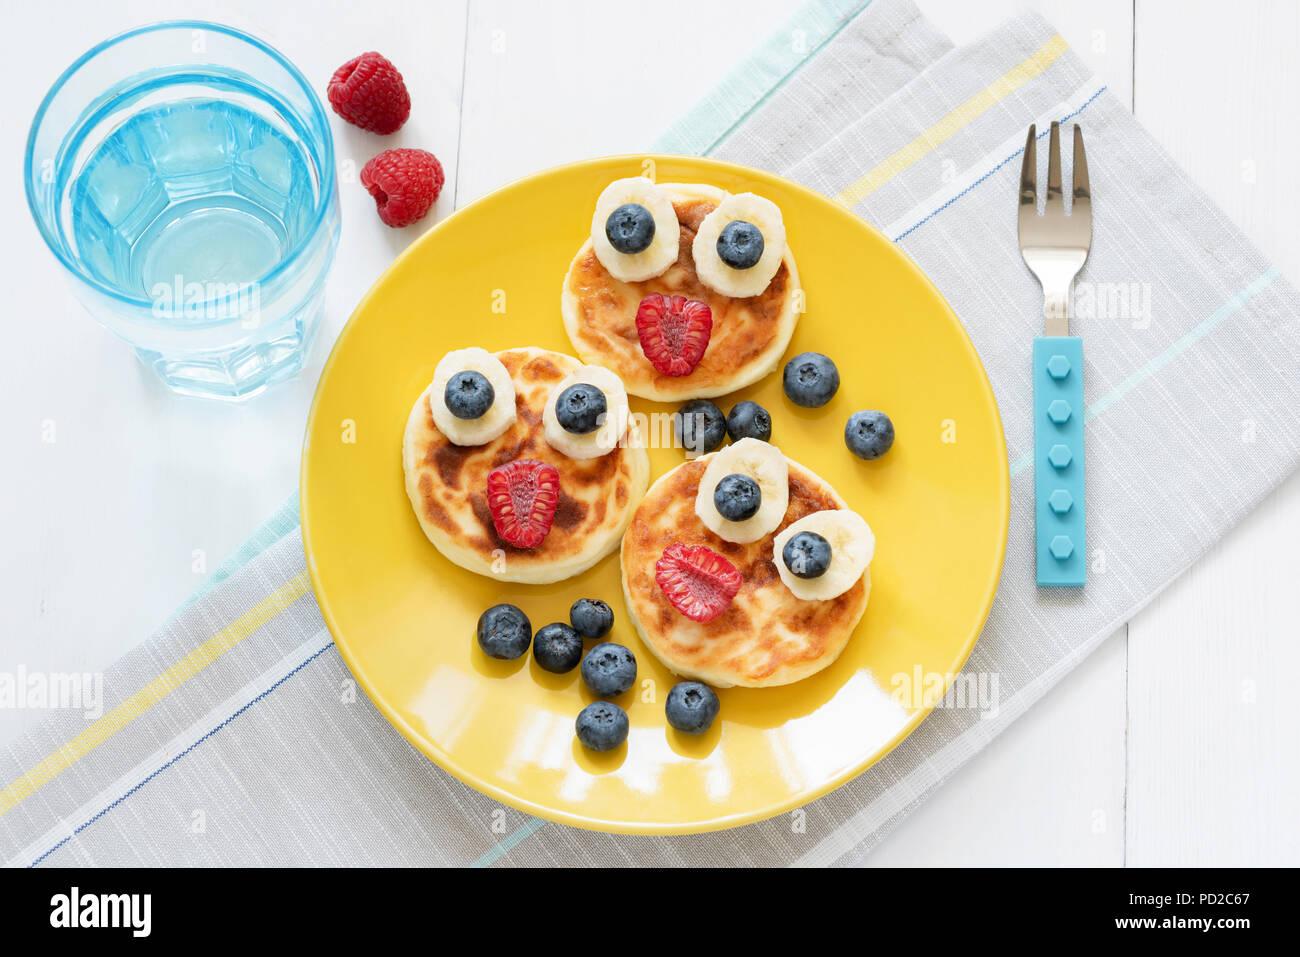 Le petit-déjeuner pour les enfants. Funny face animale des crêpes avec les baies fraîches sur la plaque jaune et verre de l'eau toujours pure. Vue d'en haut Photo Stock